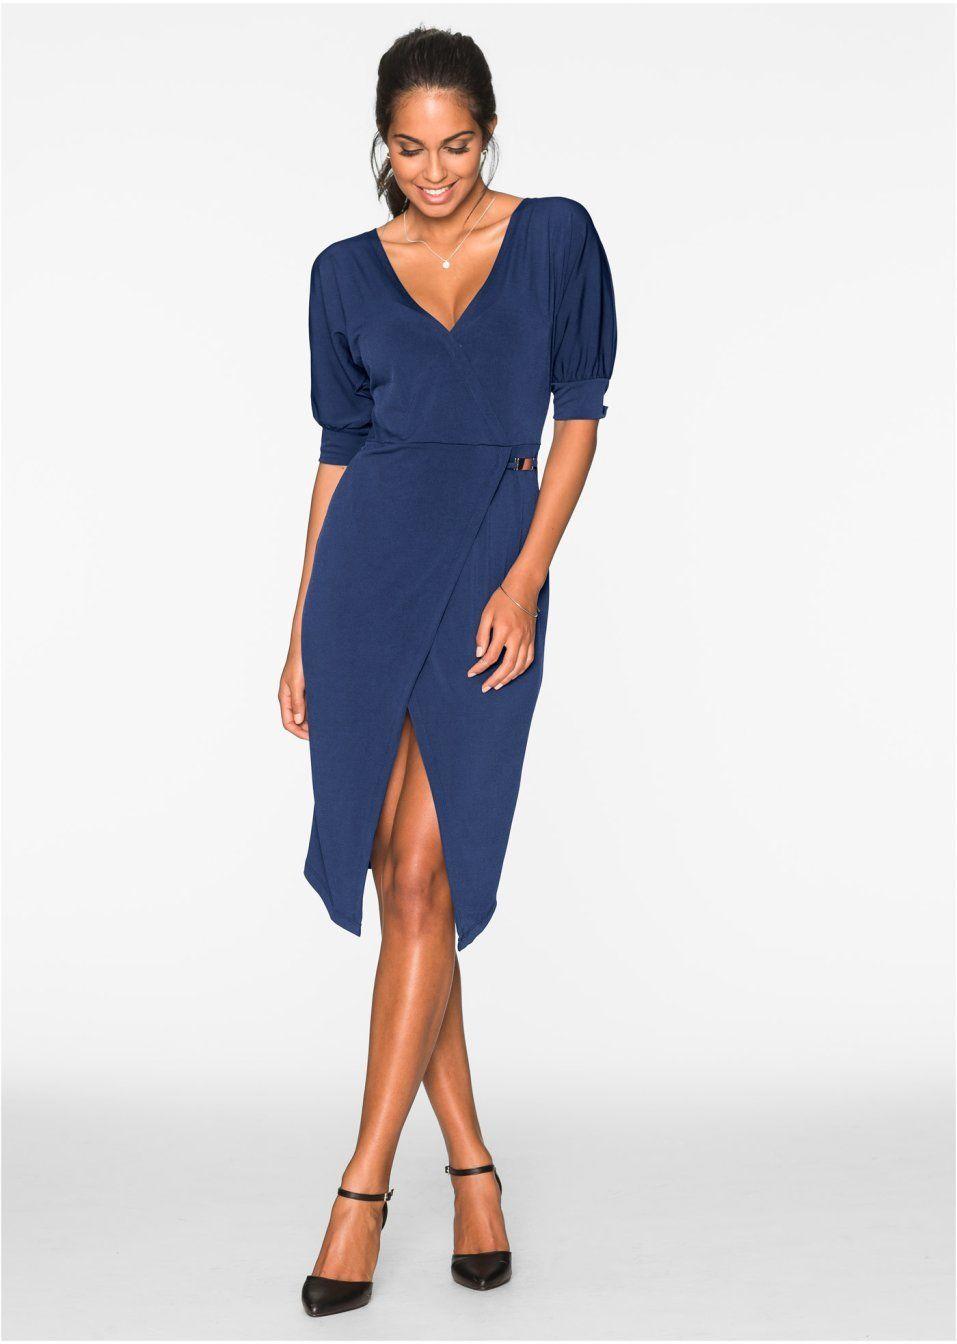 Pekné šaty od BODYFLIRT. S moderným výstrihom do V a s polovičnými rukávmi.  S peknými 724de5c5b09